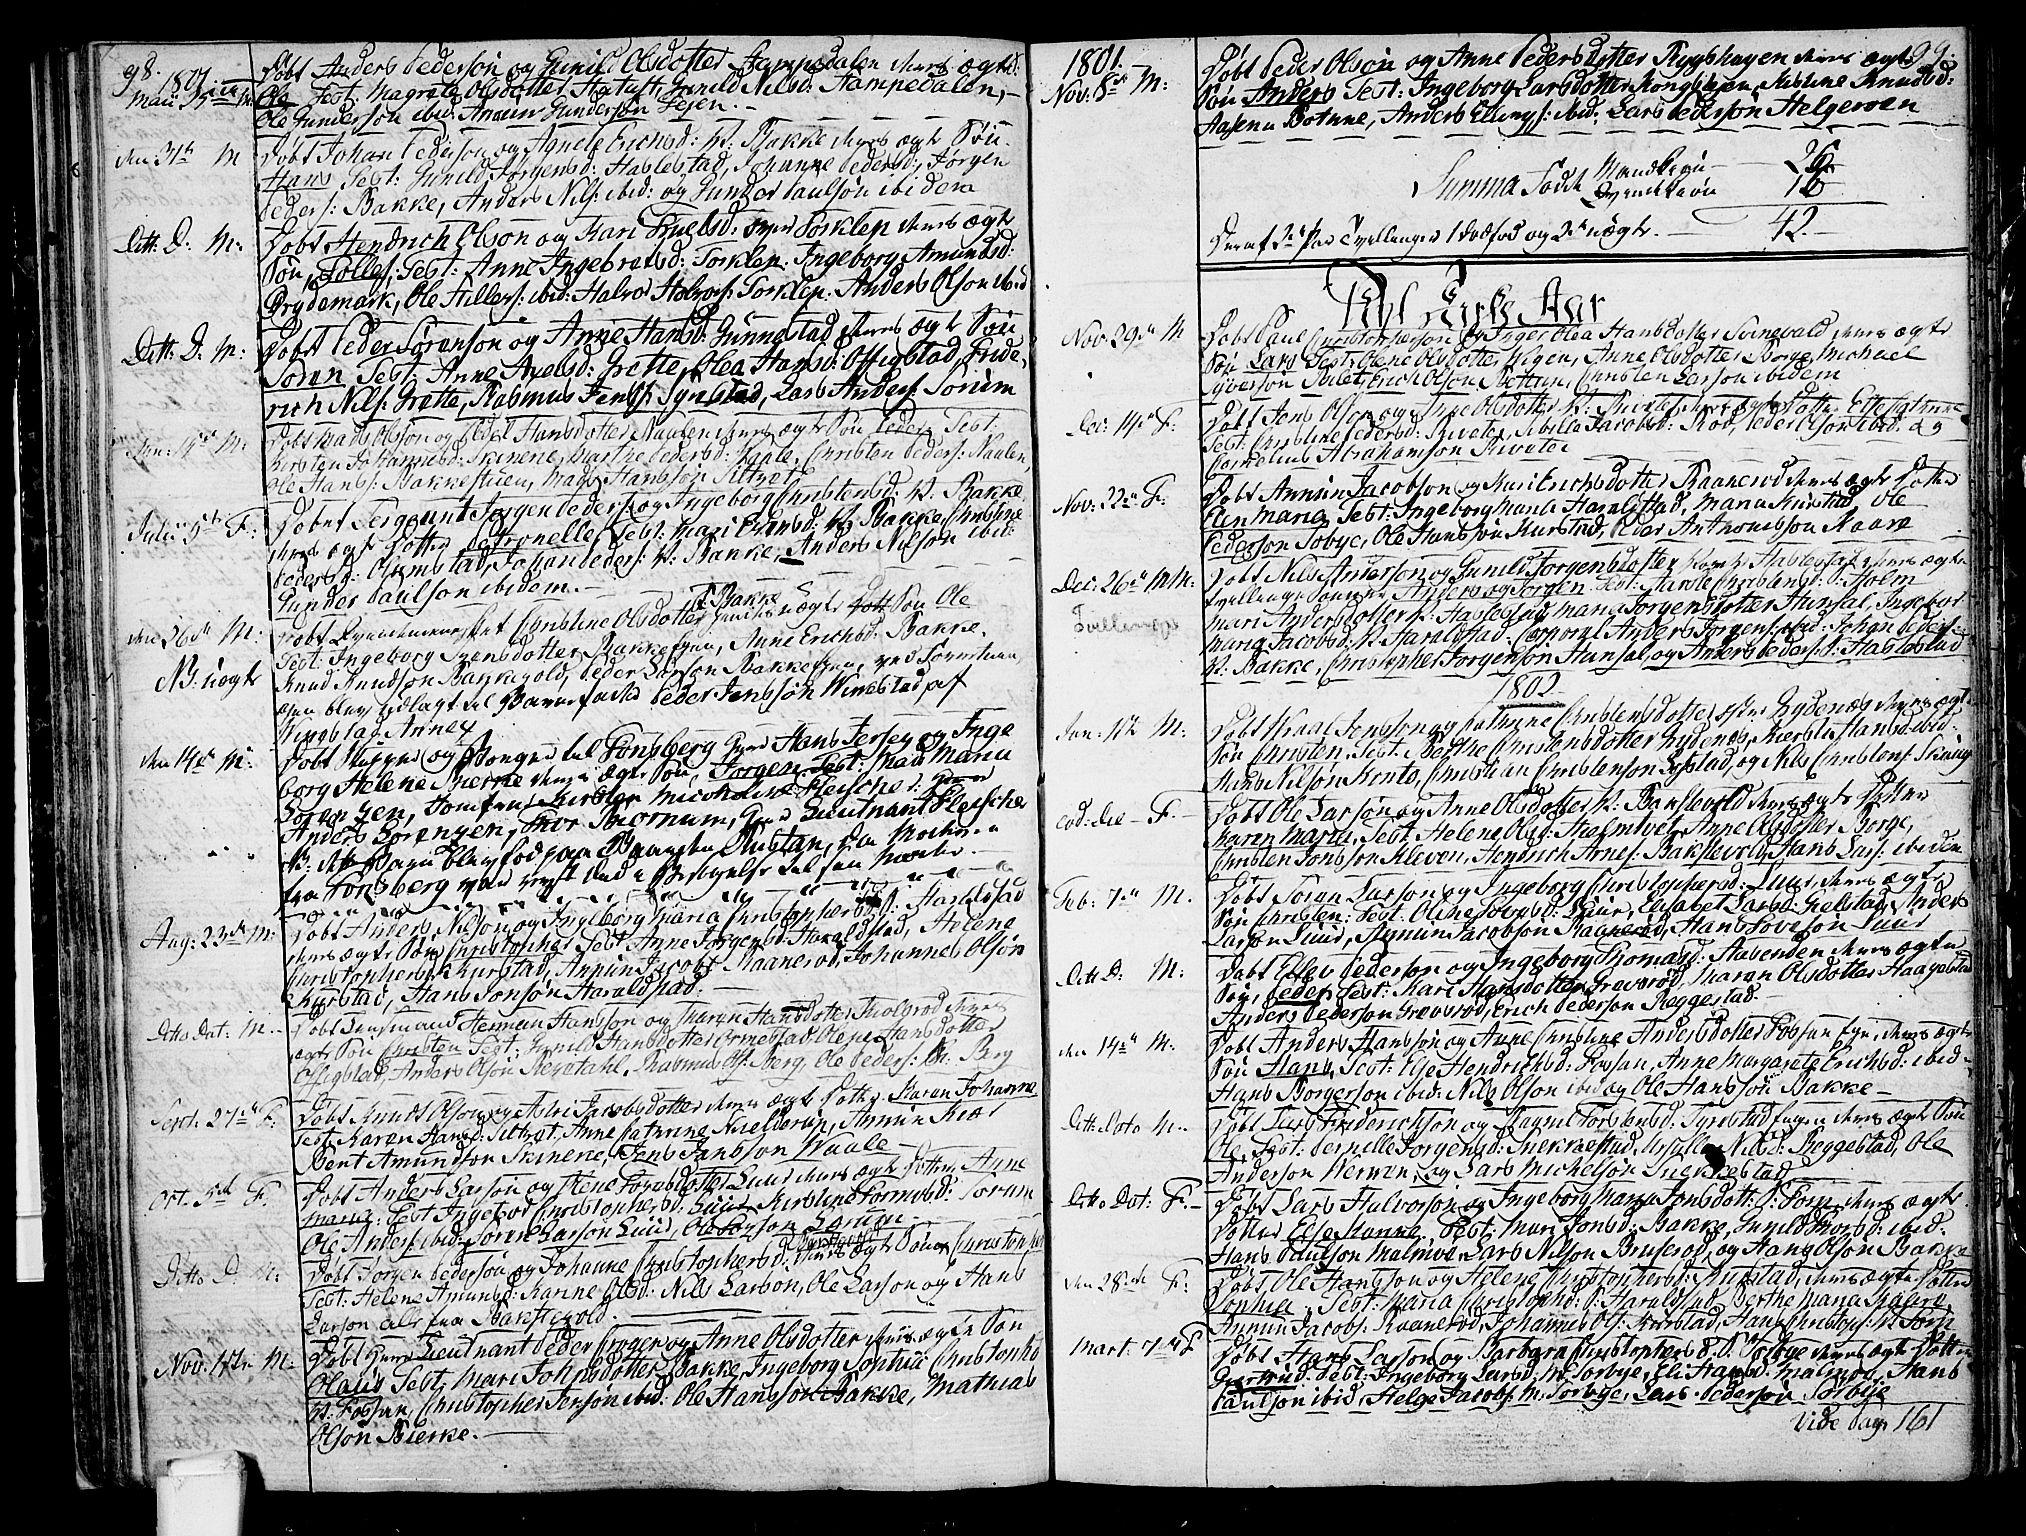 SAKO, Våle kirkebøker, F/Fa/L0005: Ministerialbok nr. I 5, 1773-1808, s. 98-99